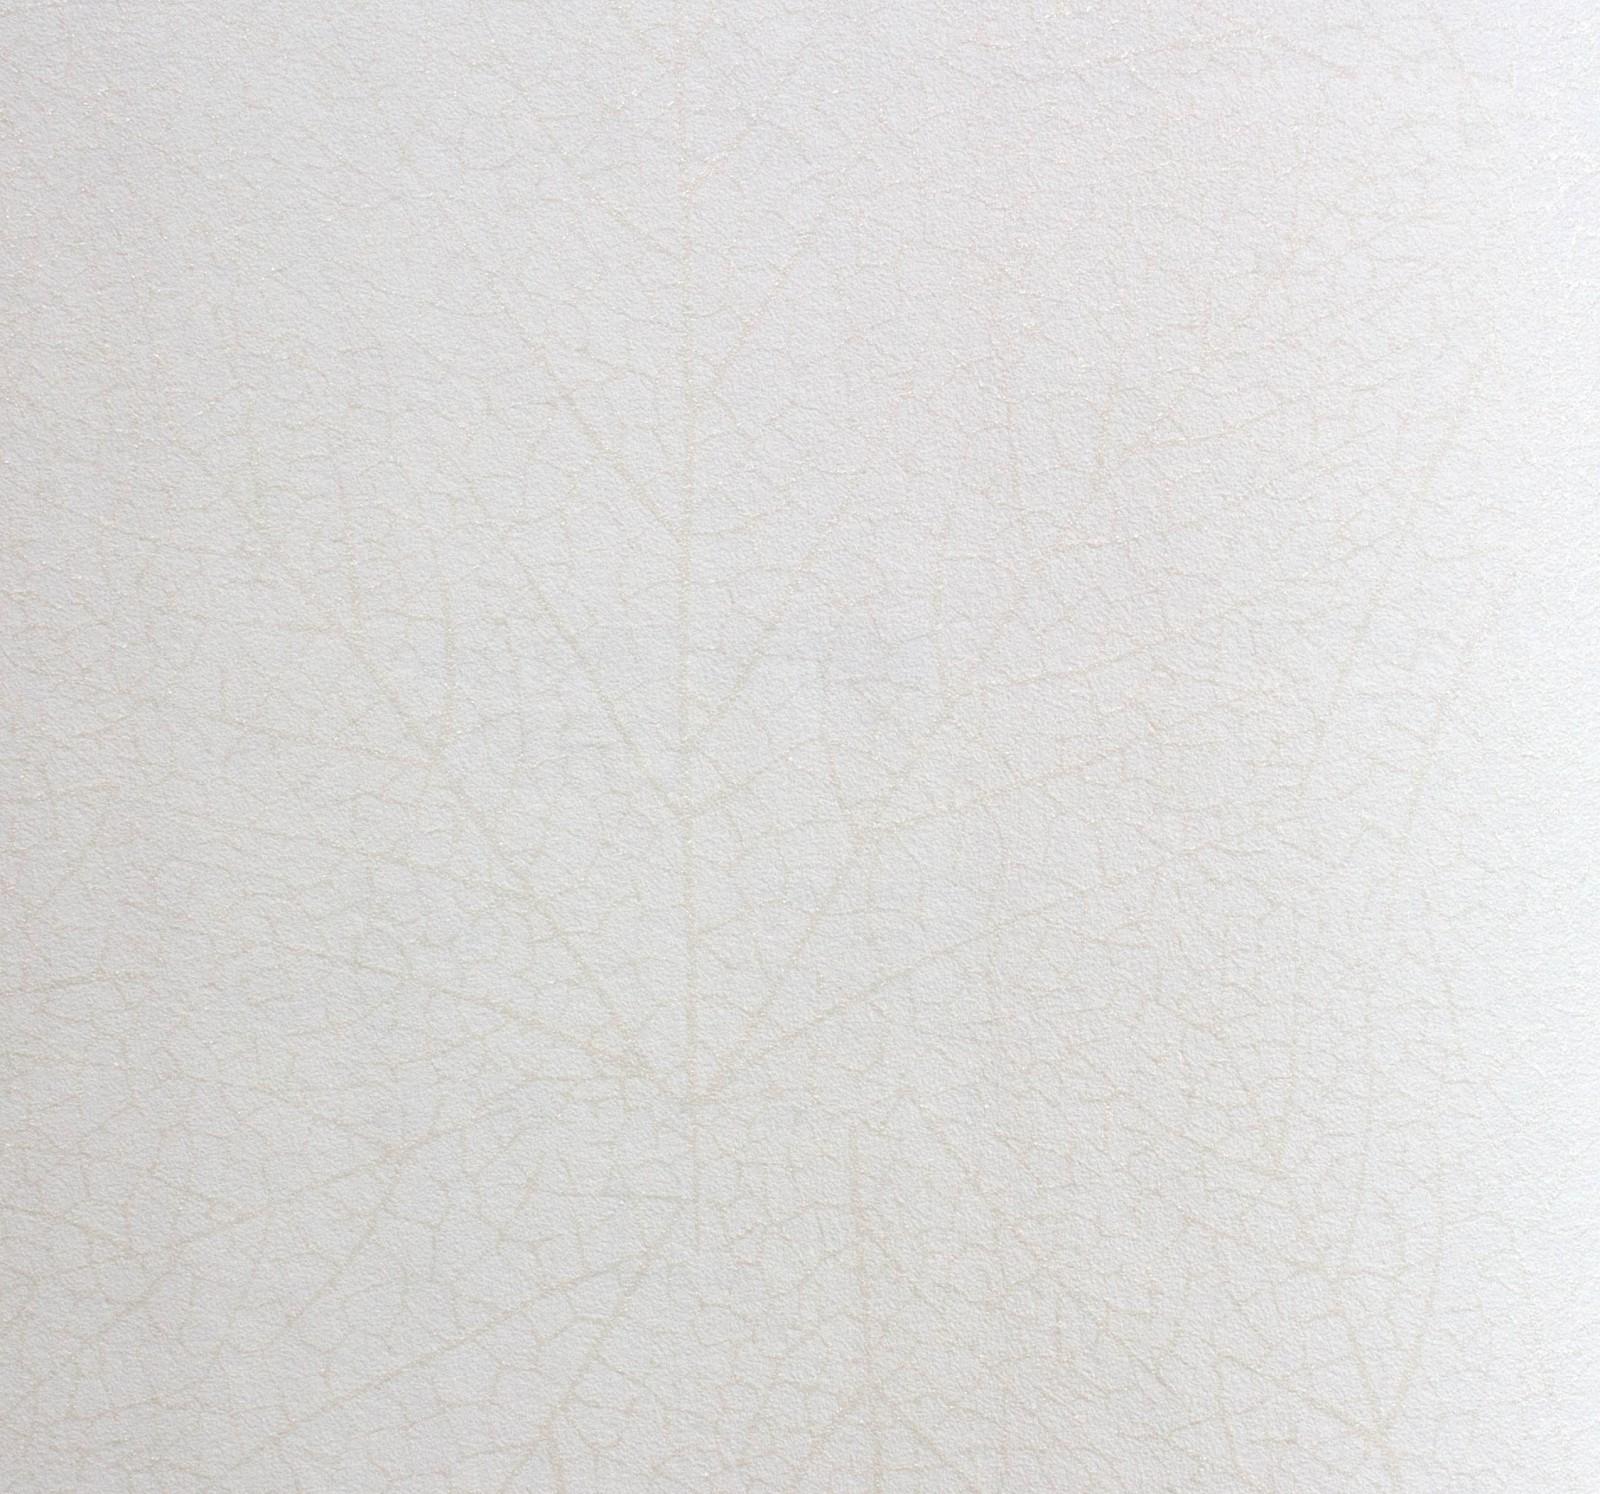 tapete graham brown floral creme gold 32 247. Black Bedroom Furniture Sets. Home Design Ideas